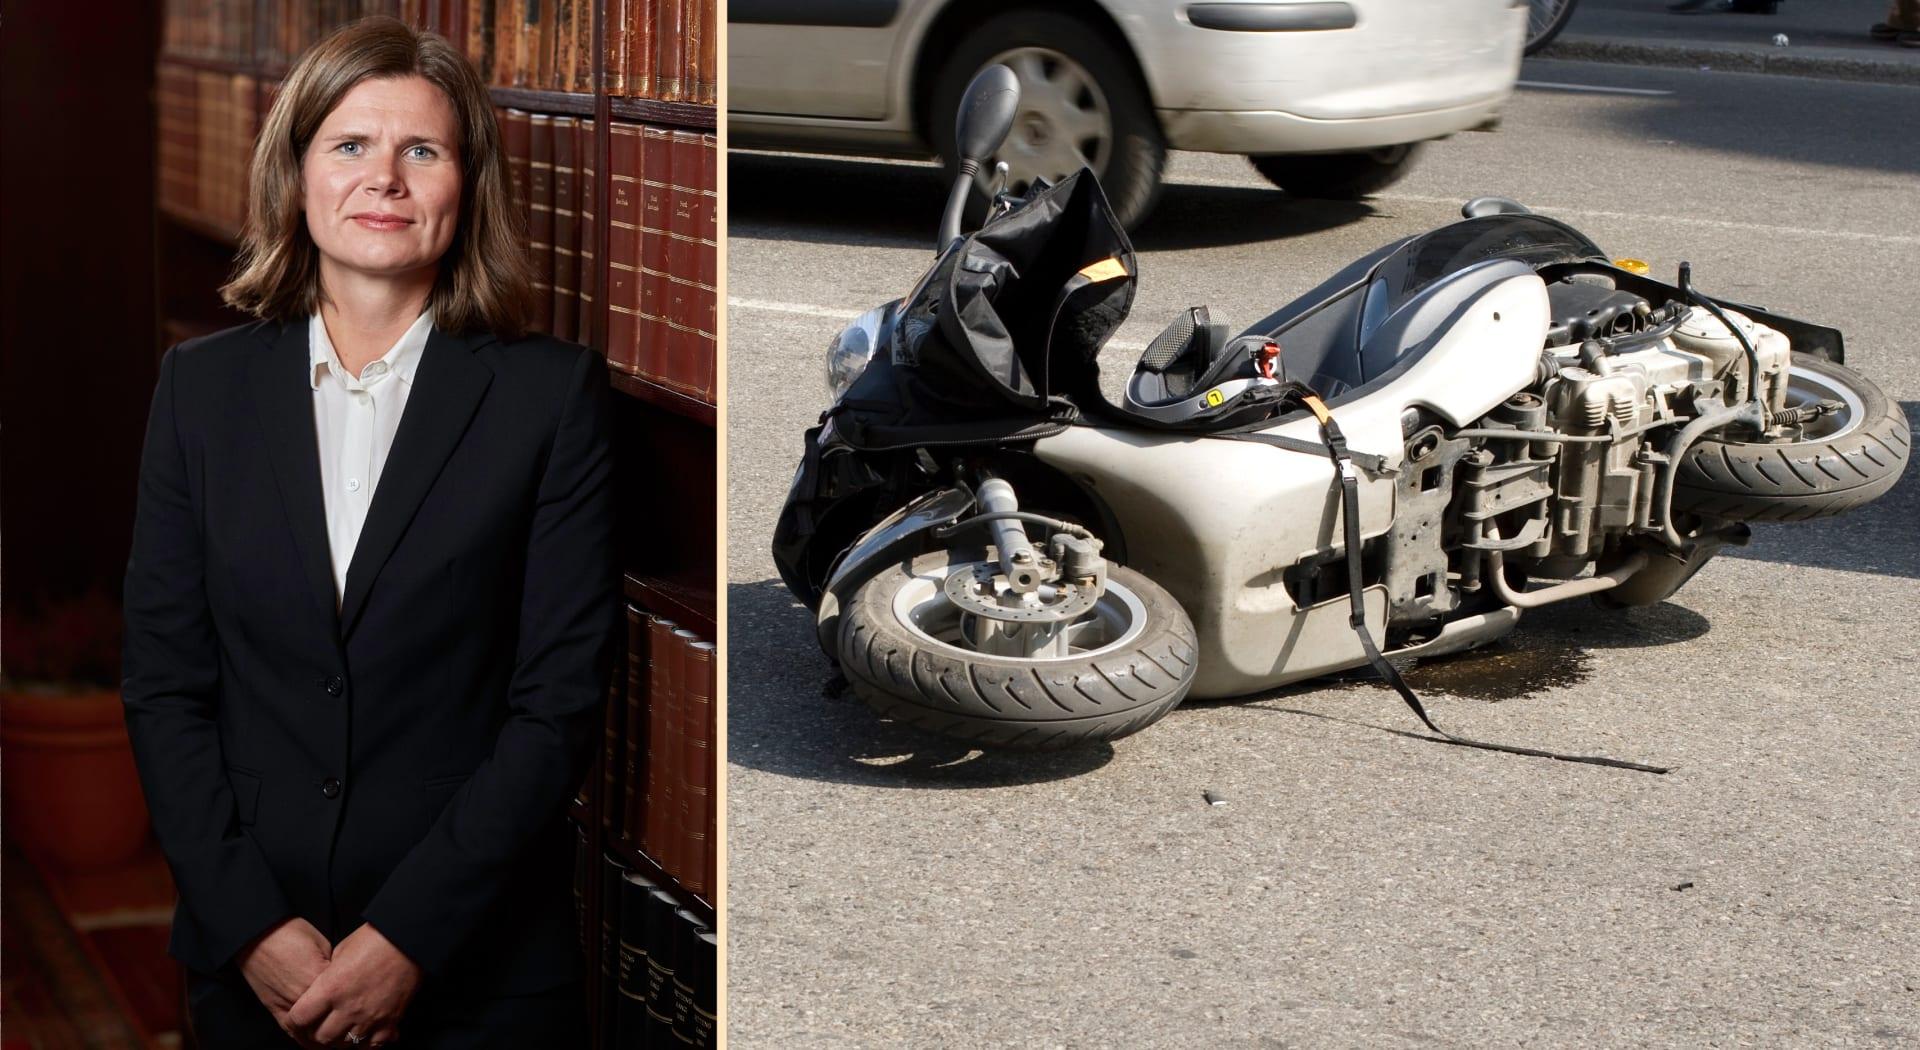 Advokat Nora Løvøi Bjørnstad sørget for at mannen fikk 2,4 millioner i erstatning etter skuterulykken.